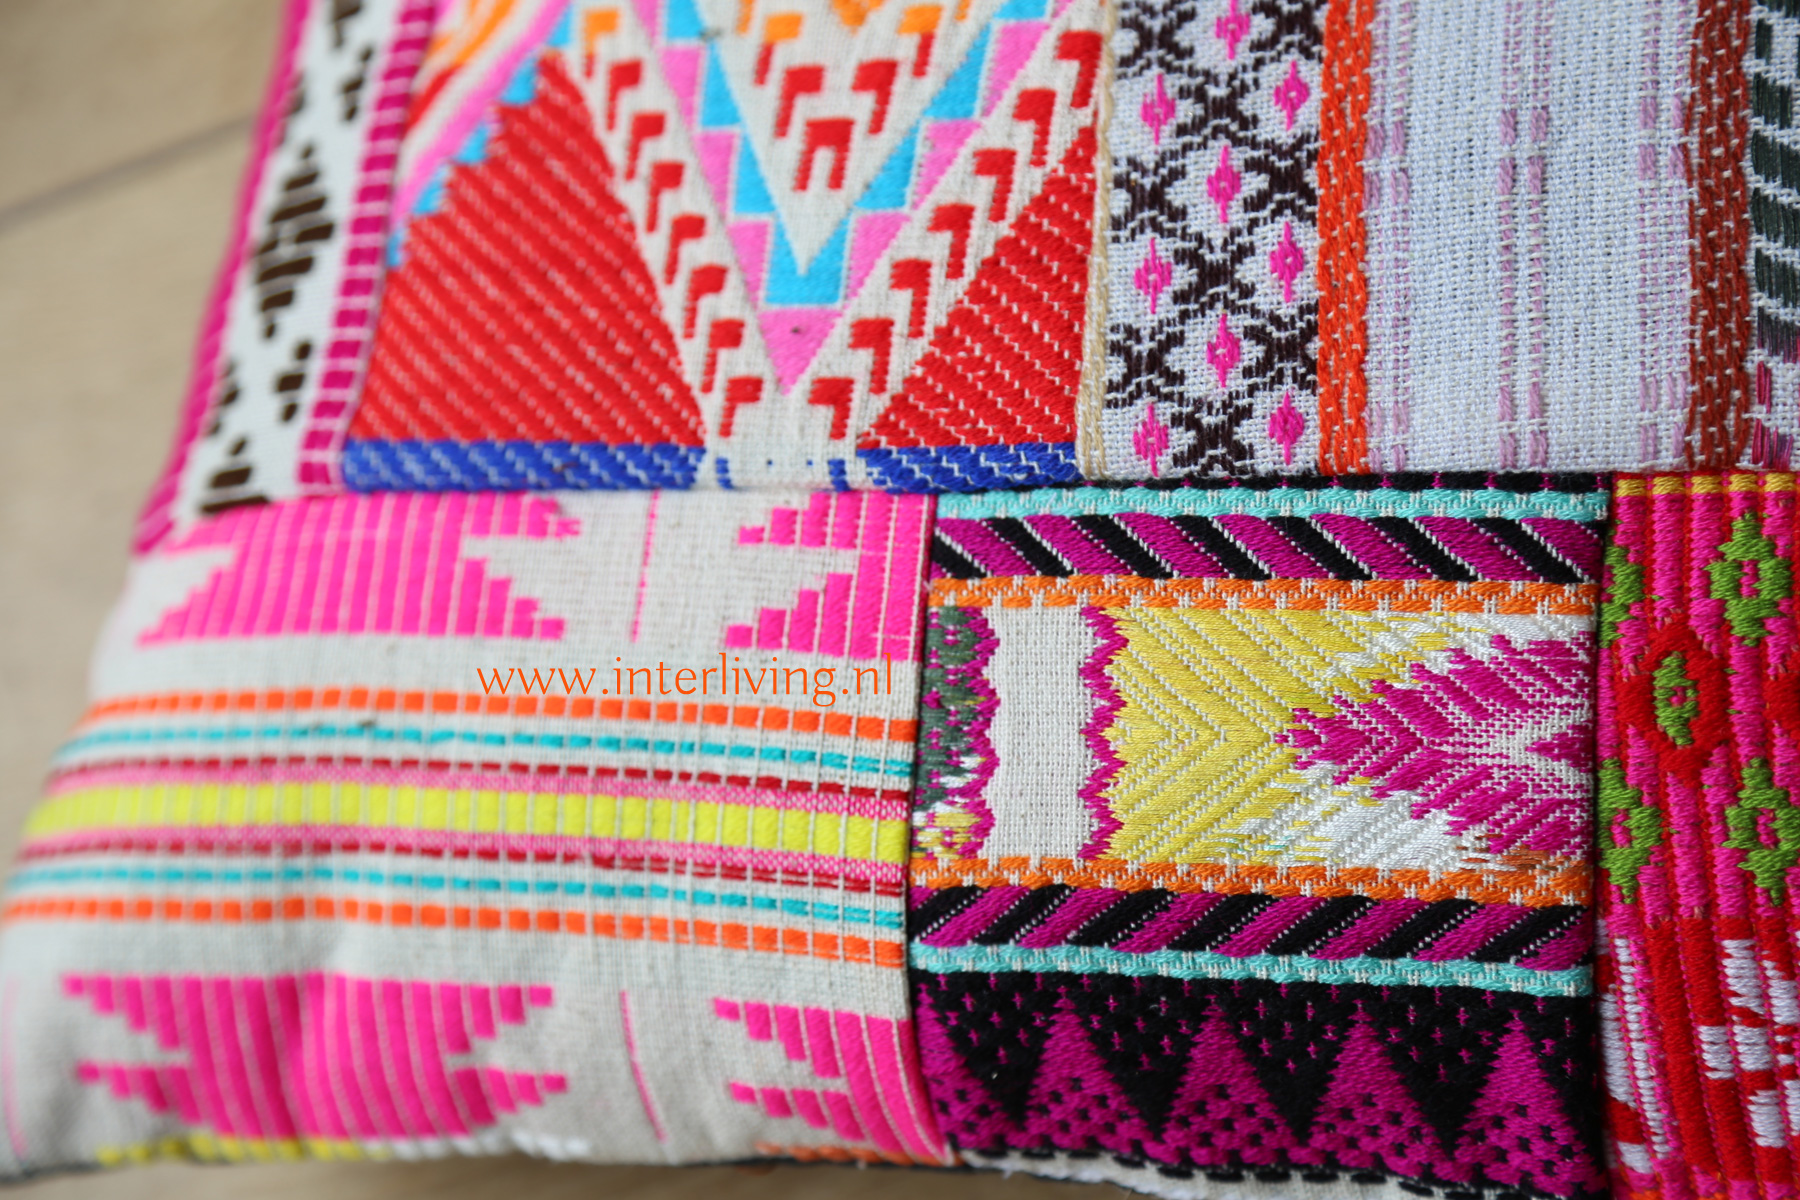 Kussen met Navajo patchwork en Peruaans tribal borduurwerk - geweven kleedjes stof